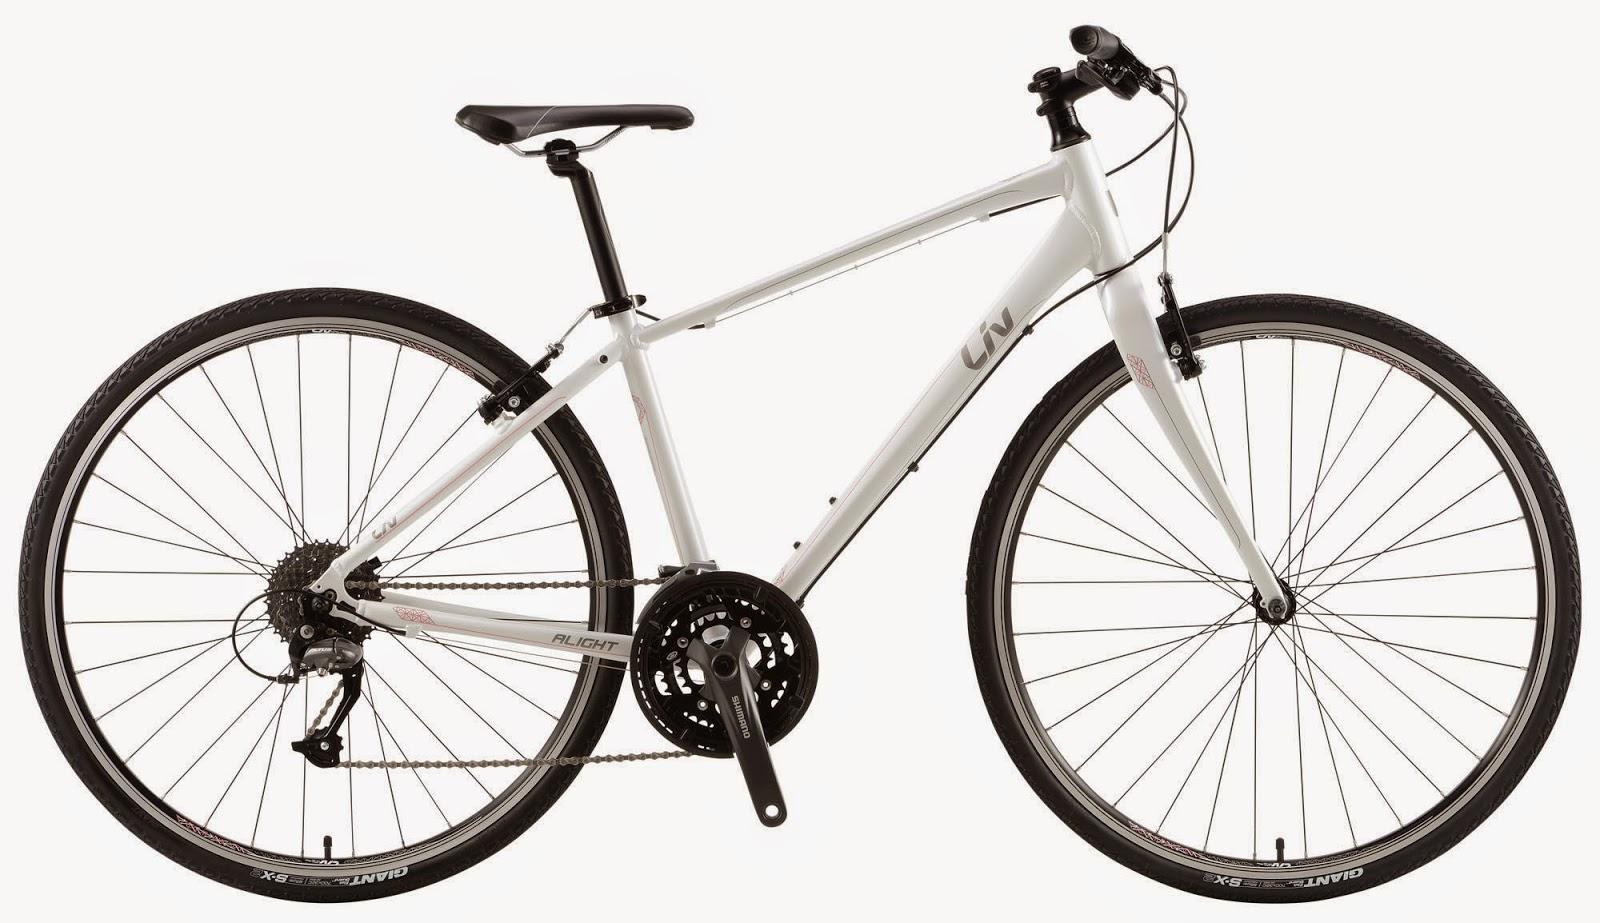 U.S. Giant New Bike Liv Alight 1 Ready To Launch 2015